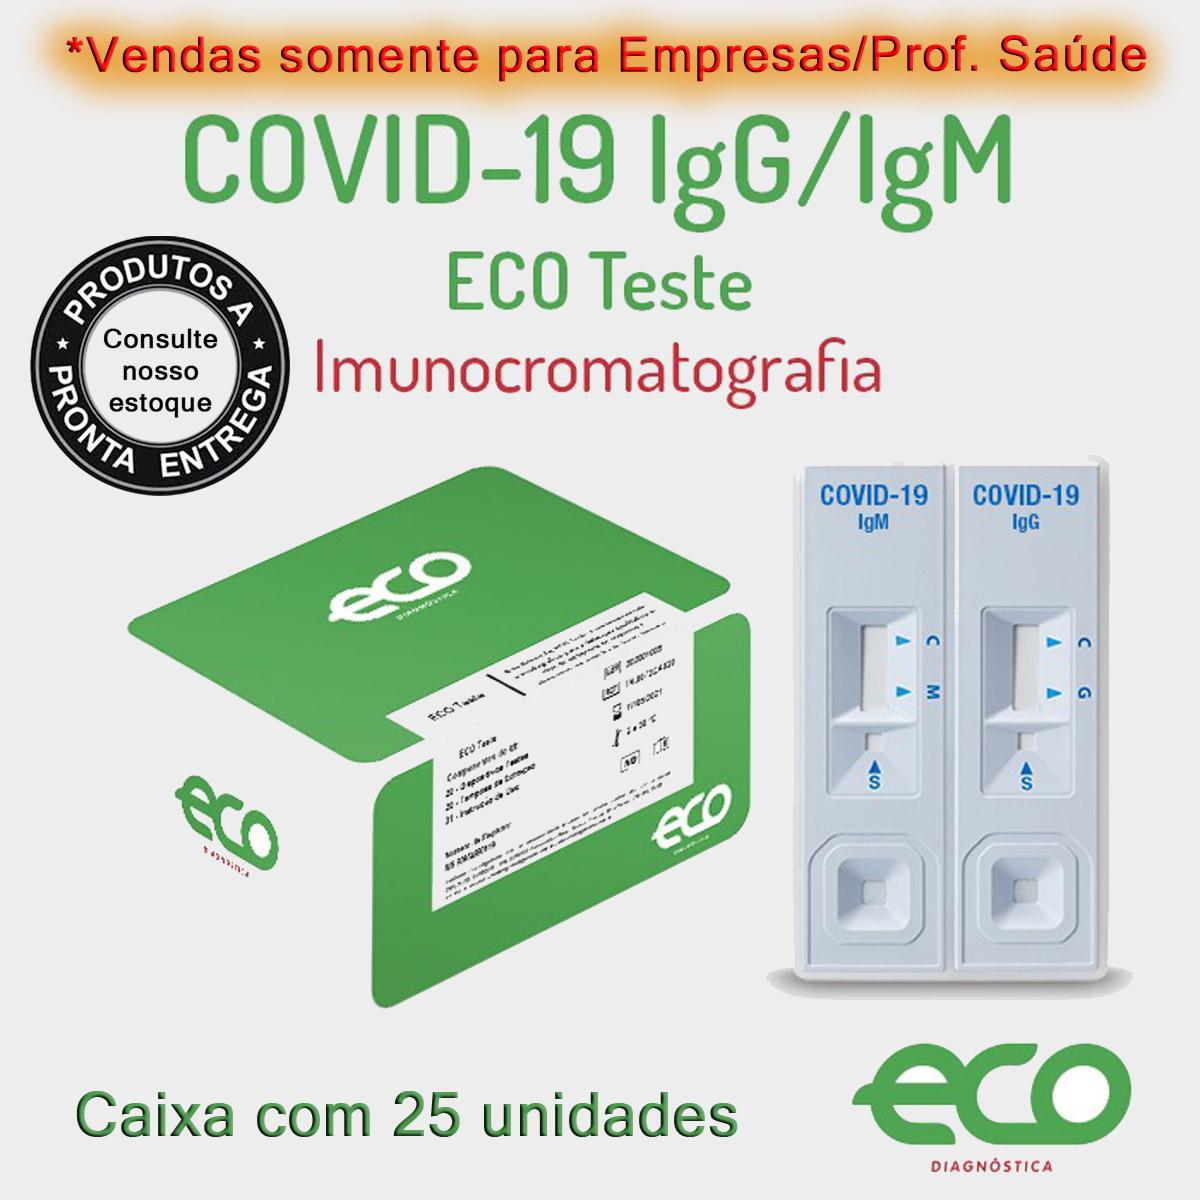 Teste Rápido COVID-19 IgM/IgG ECO - Caixa com 25 unidades  - Testes Para COVID e Drogas. Máscaras Descartáveis e Suplementos e Anti Tabaco